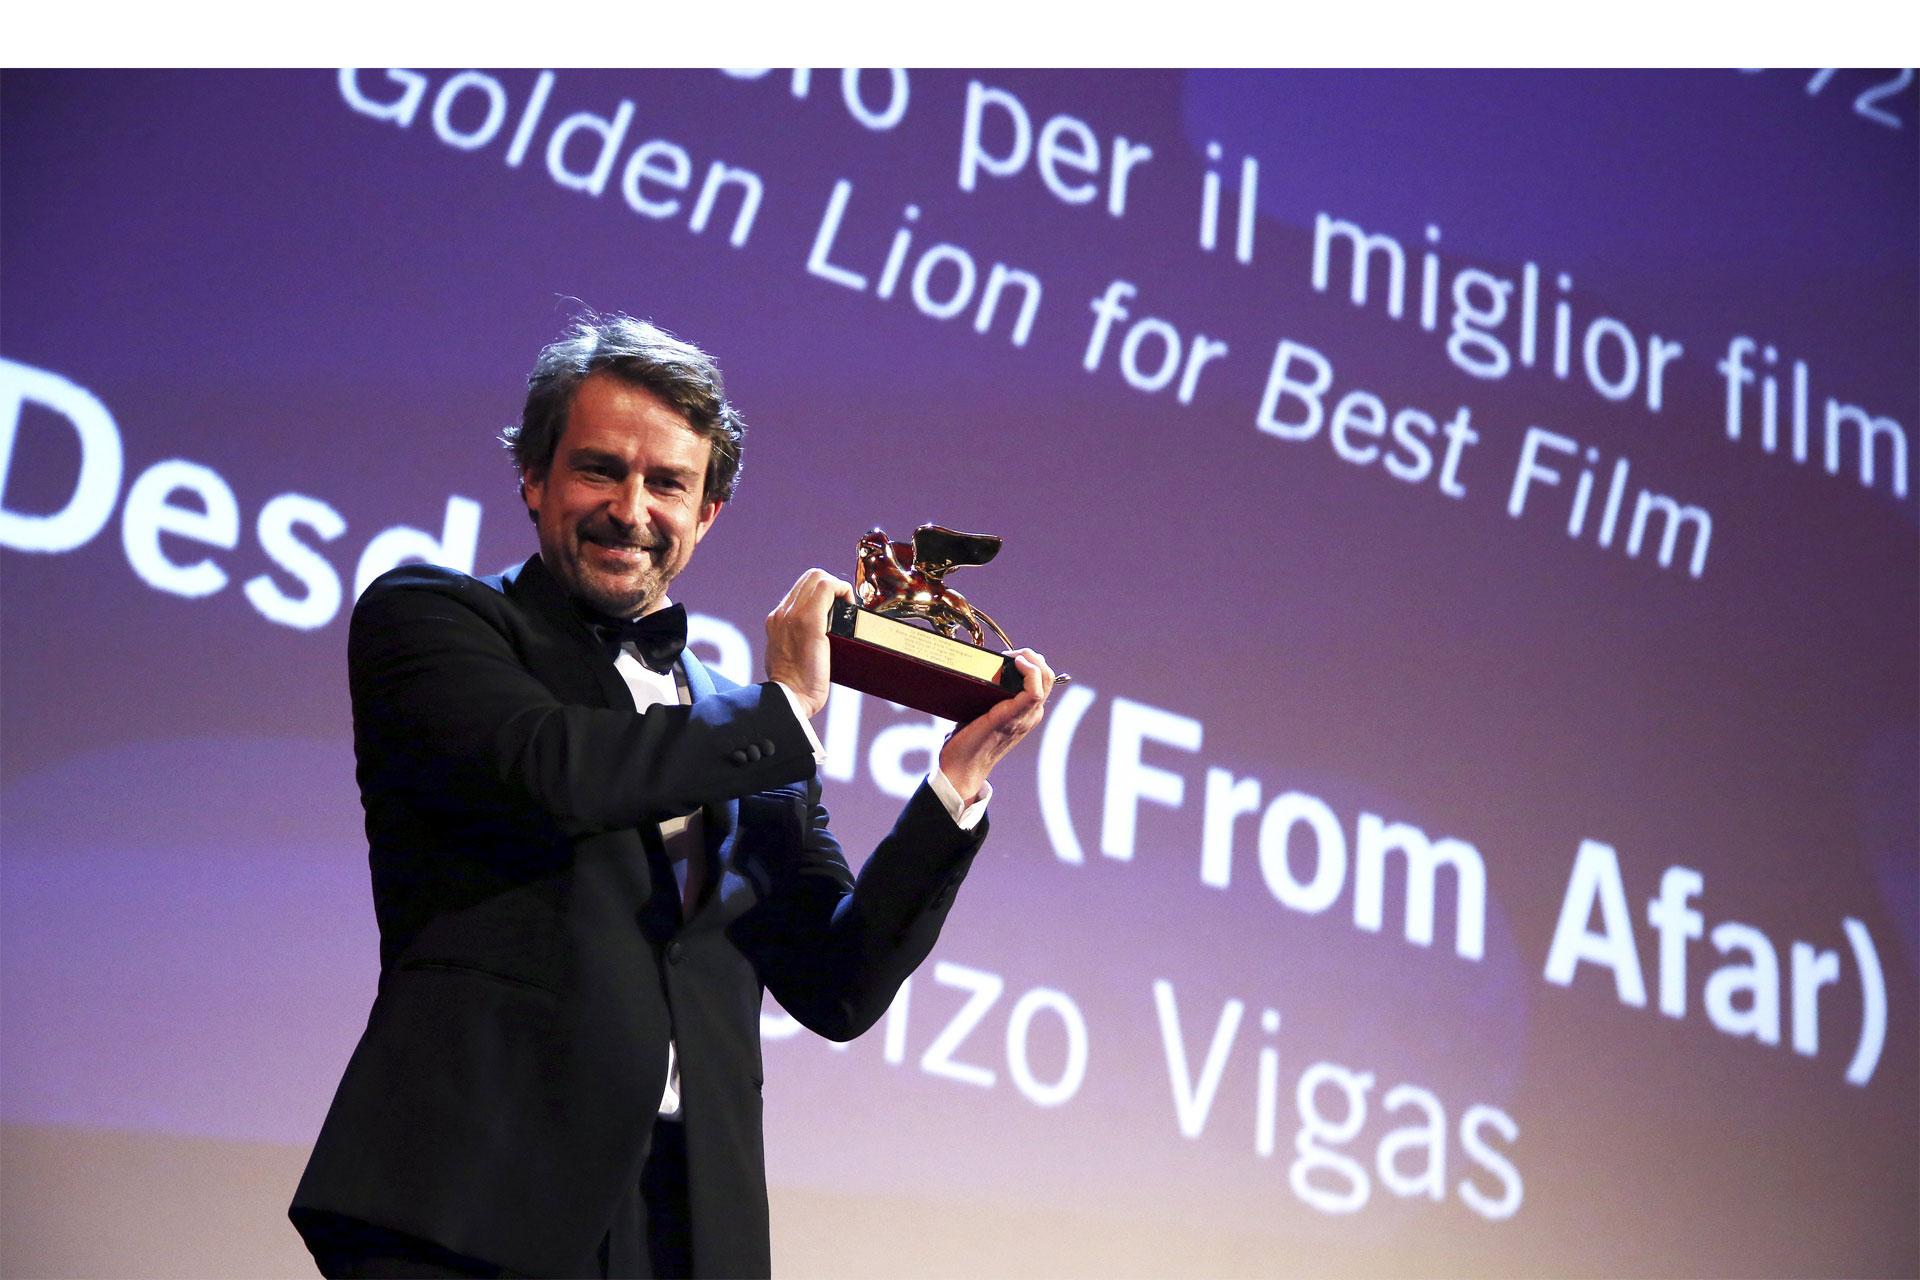 Con el León de Oro para la película venezolana Desde allá, se termina de marcar una nueva tendencia en el mundo